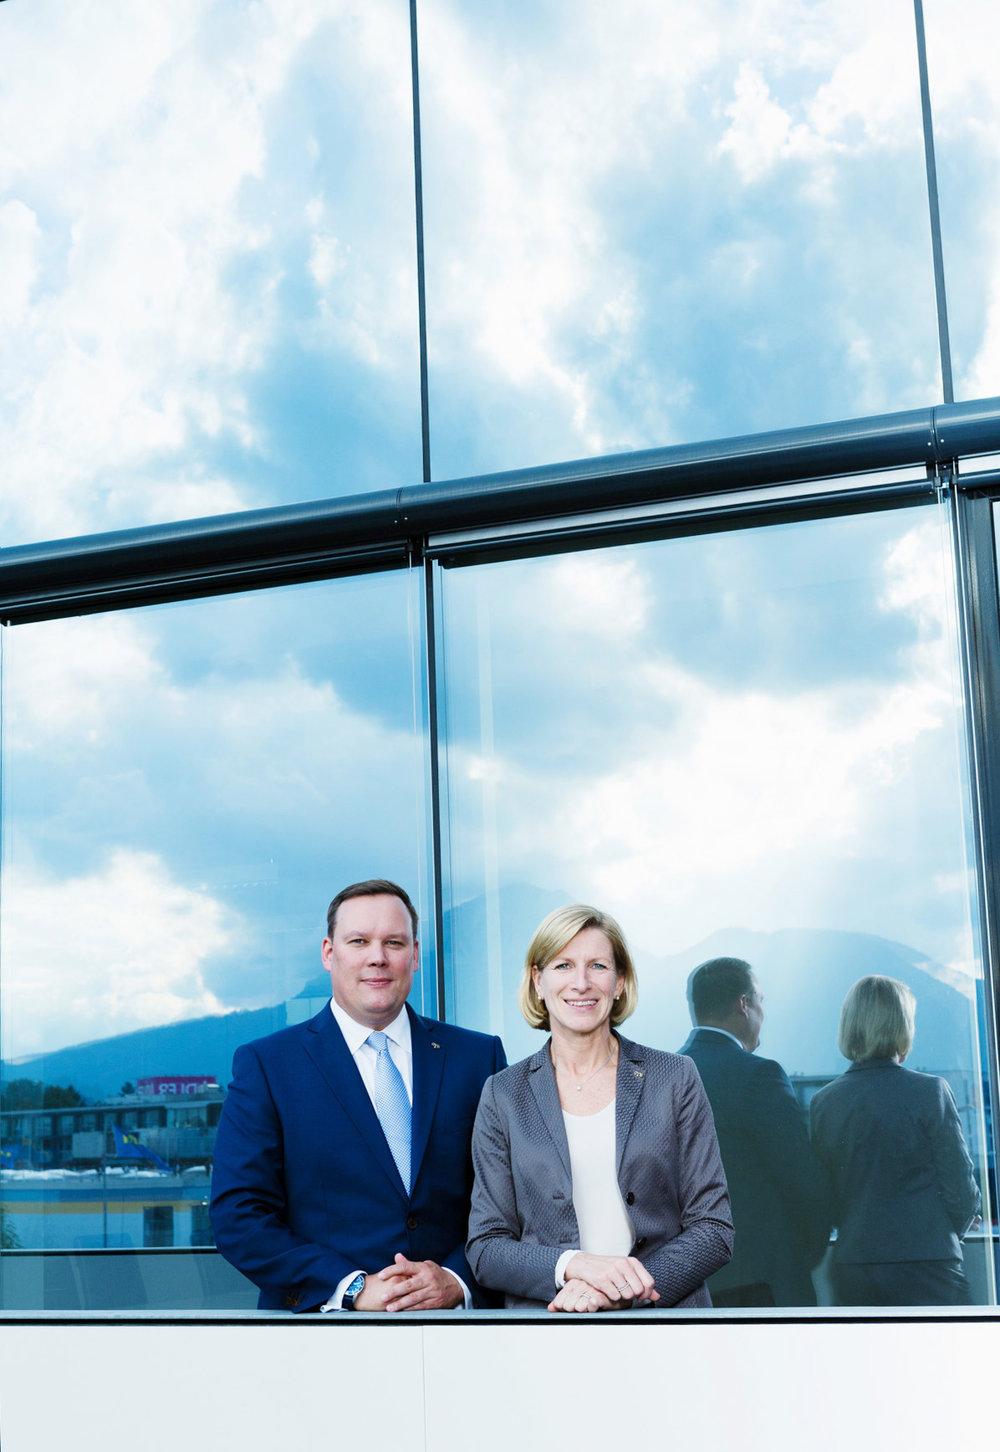 Haupt-GF Herr Markus Spellmeyer und Frau IT-GF Margit Eidhammer,